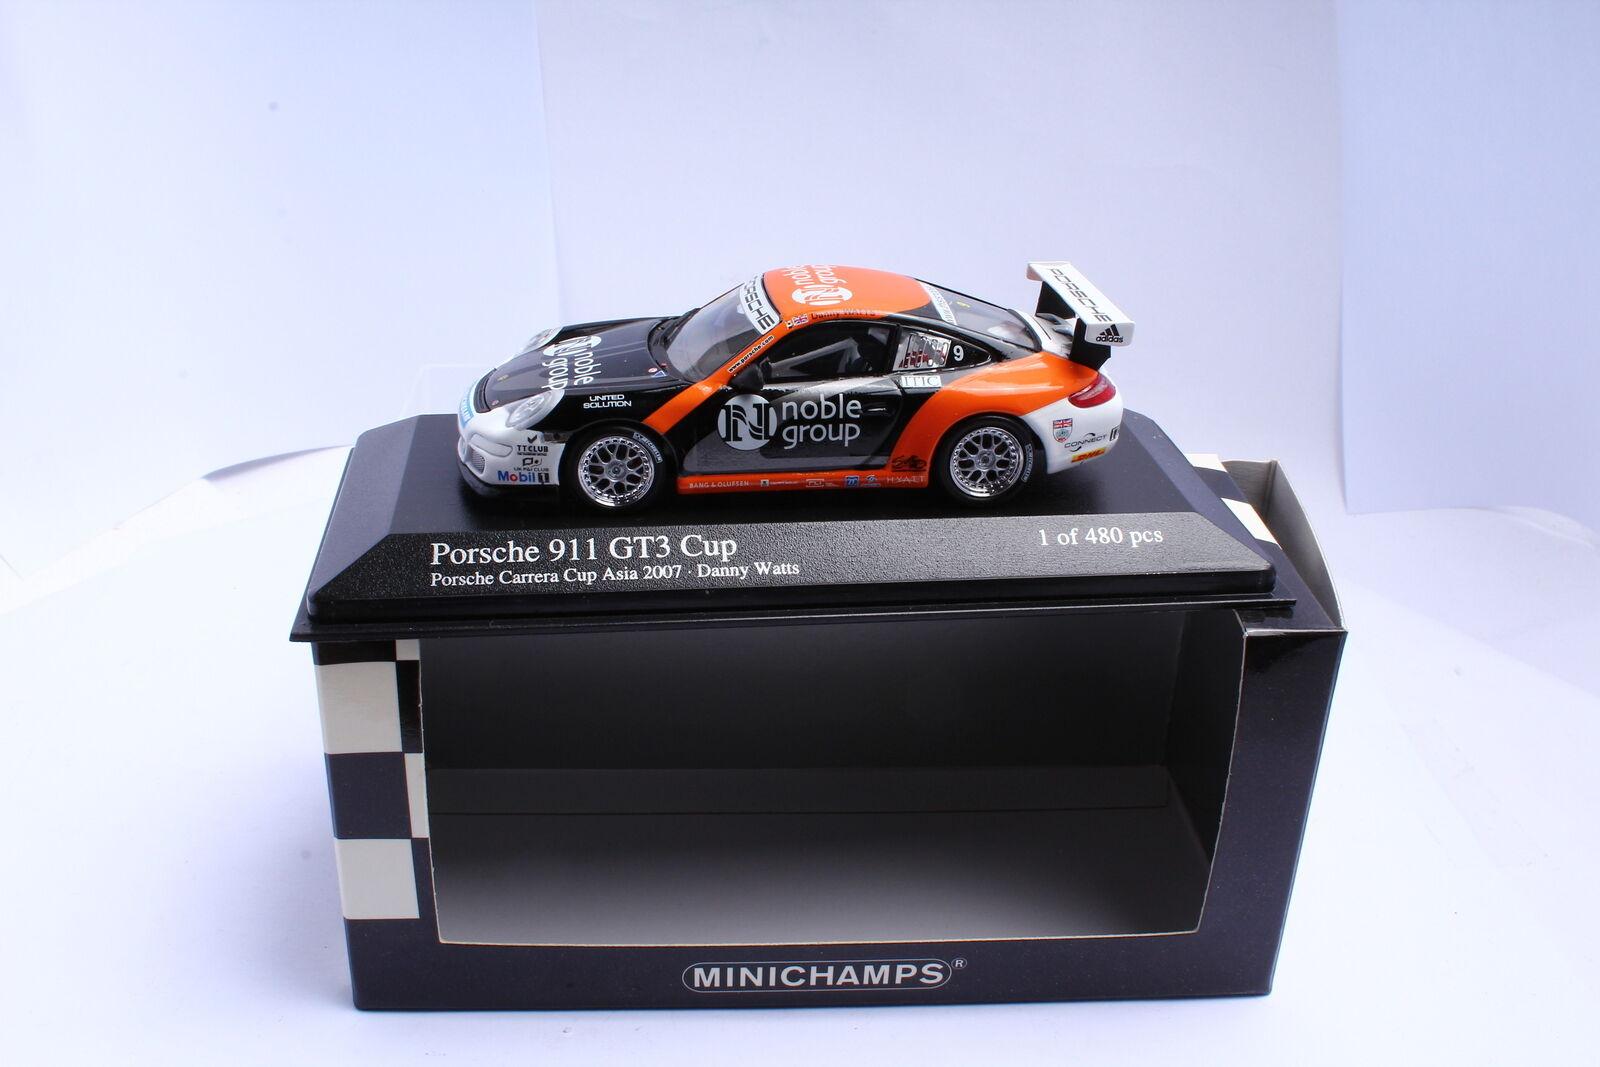 MINICHAMPS 400076409 Porsche 911 GT3 Cup Asia 2007 N Noble Group 1 43 OVP